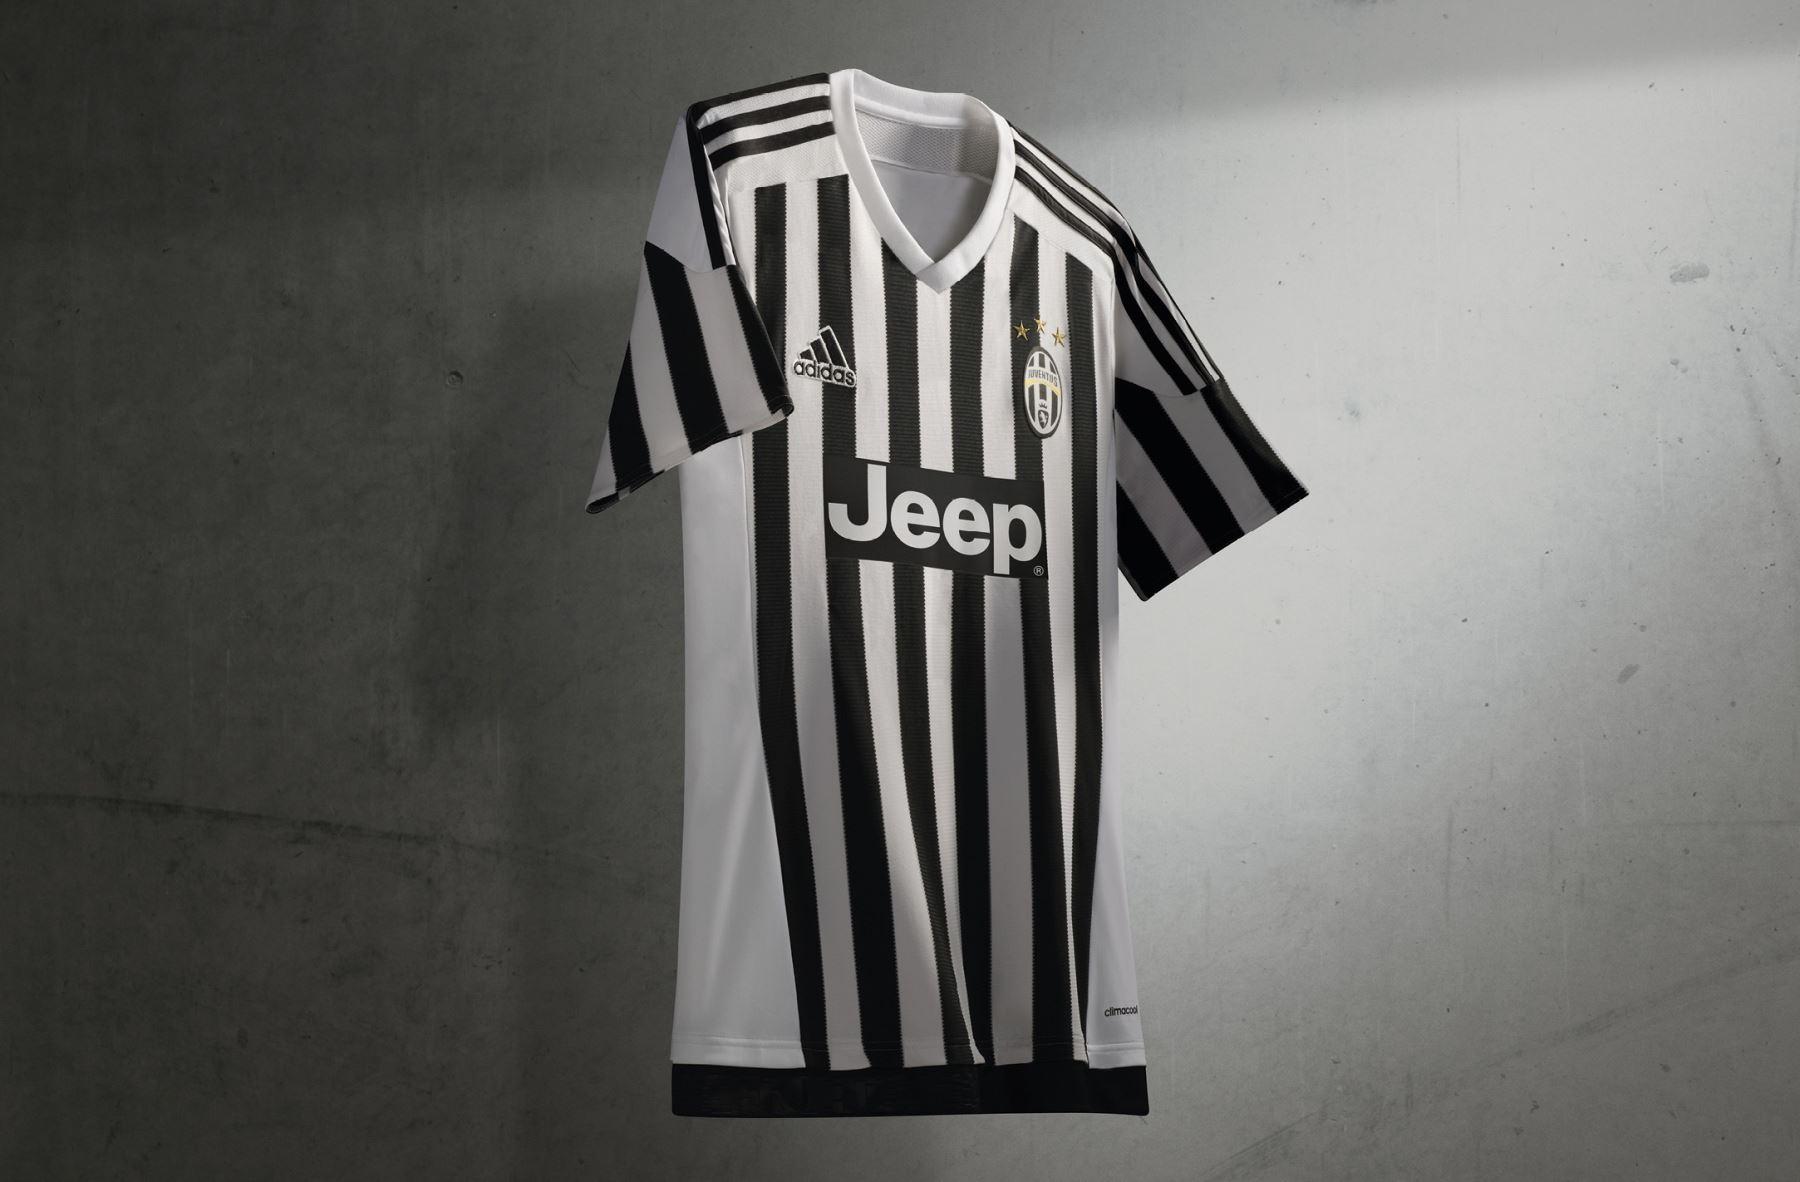 Adidas presentó la nueva camiseta de la Juventus para la temporada ... 2881849506156